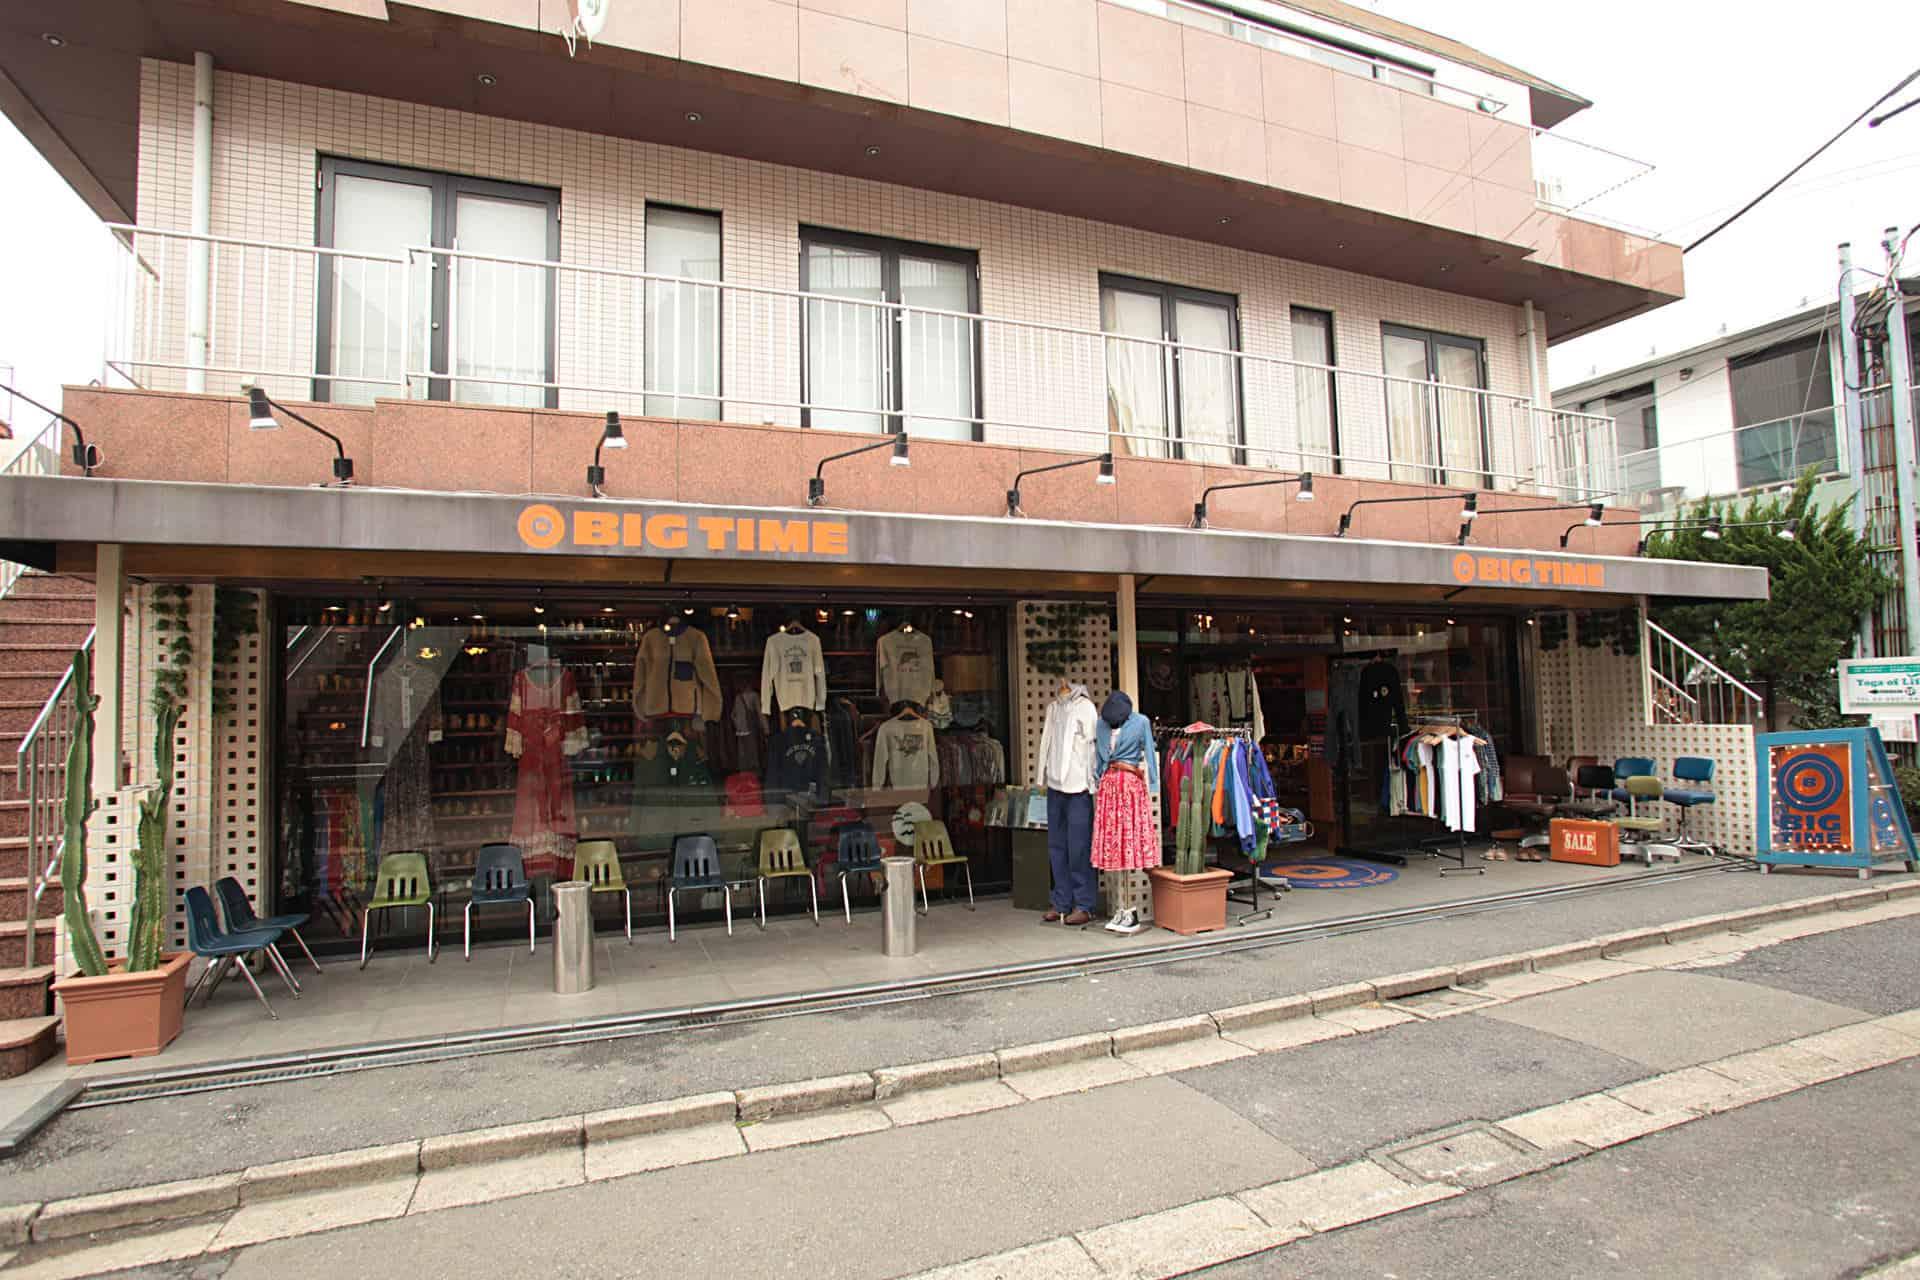 ร้าน Big Time ที่ย่านชิโมะคิตะซาว่า (Shimokitazawa)